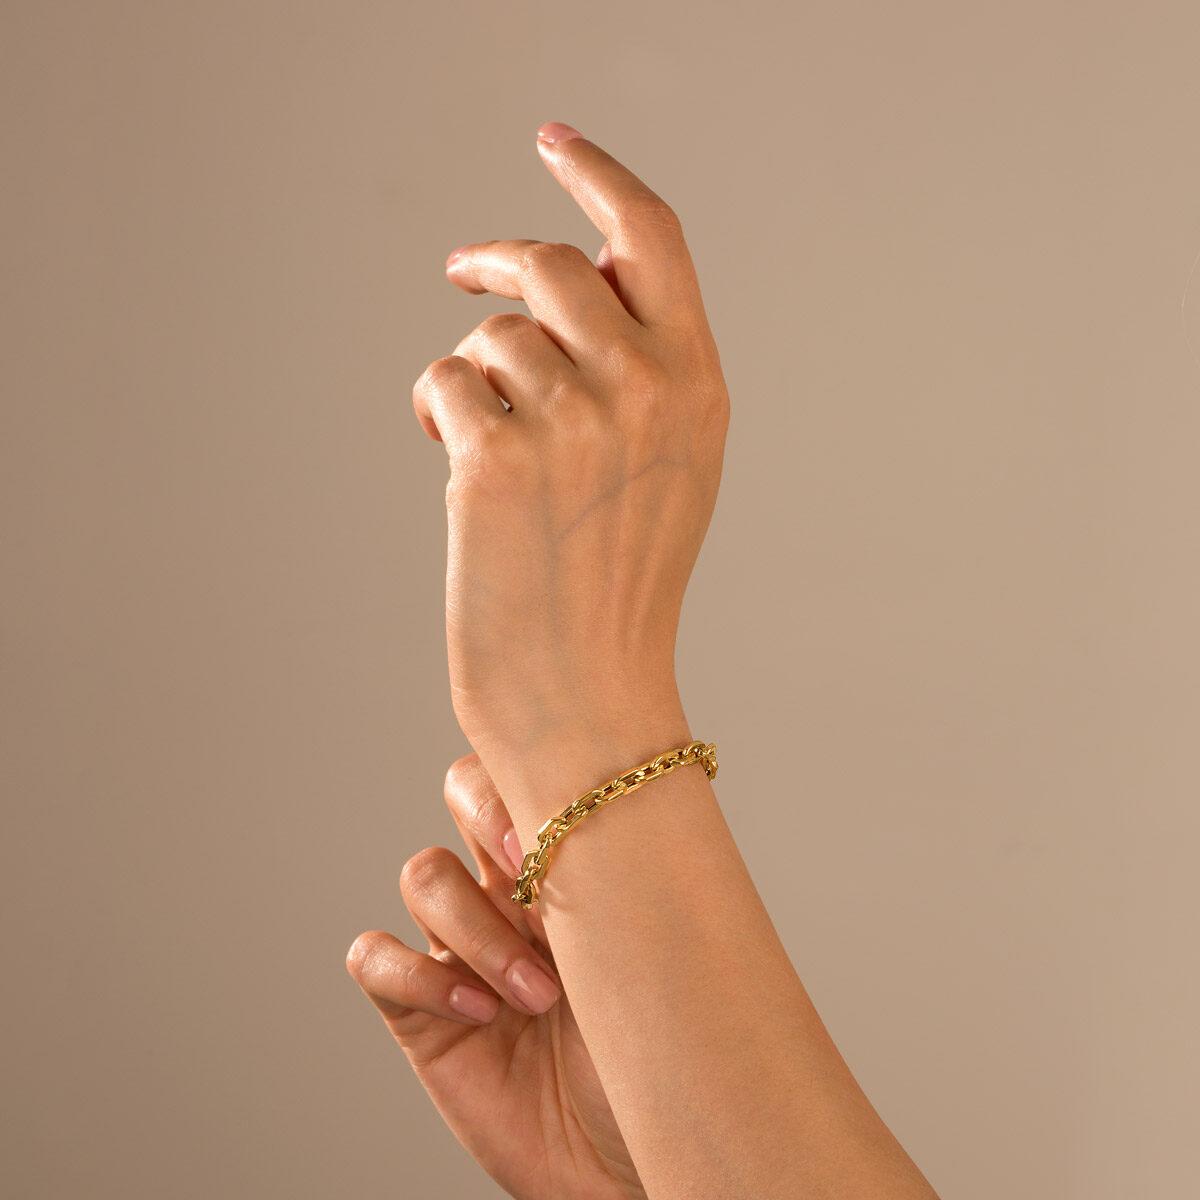 دستبند زنجیری طلا هرمس